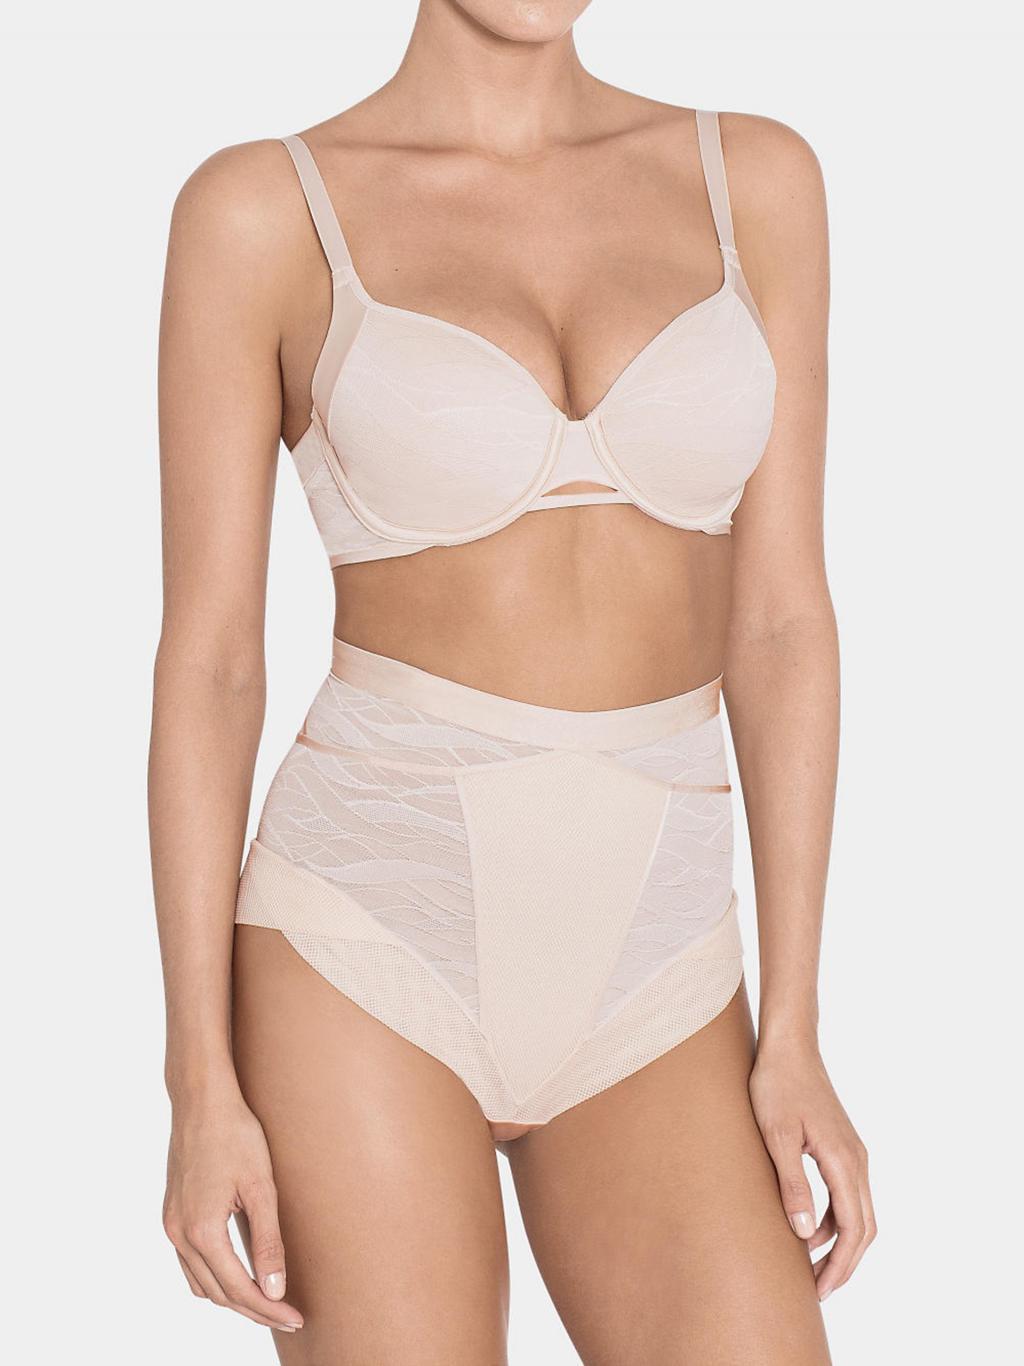 Airy Sensation WP - podprsenka Triumph    dámské spodní prádlo ... c9be9a0e75